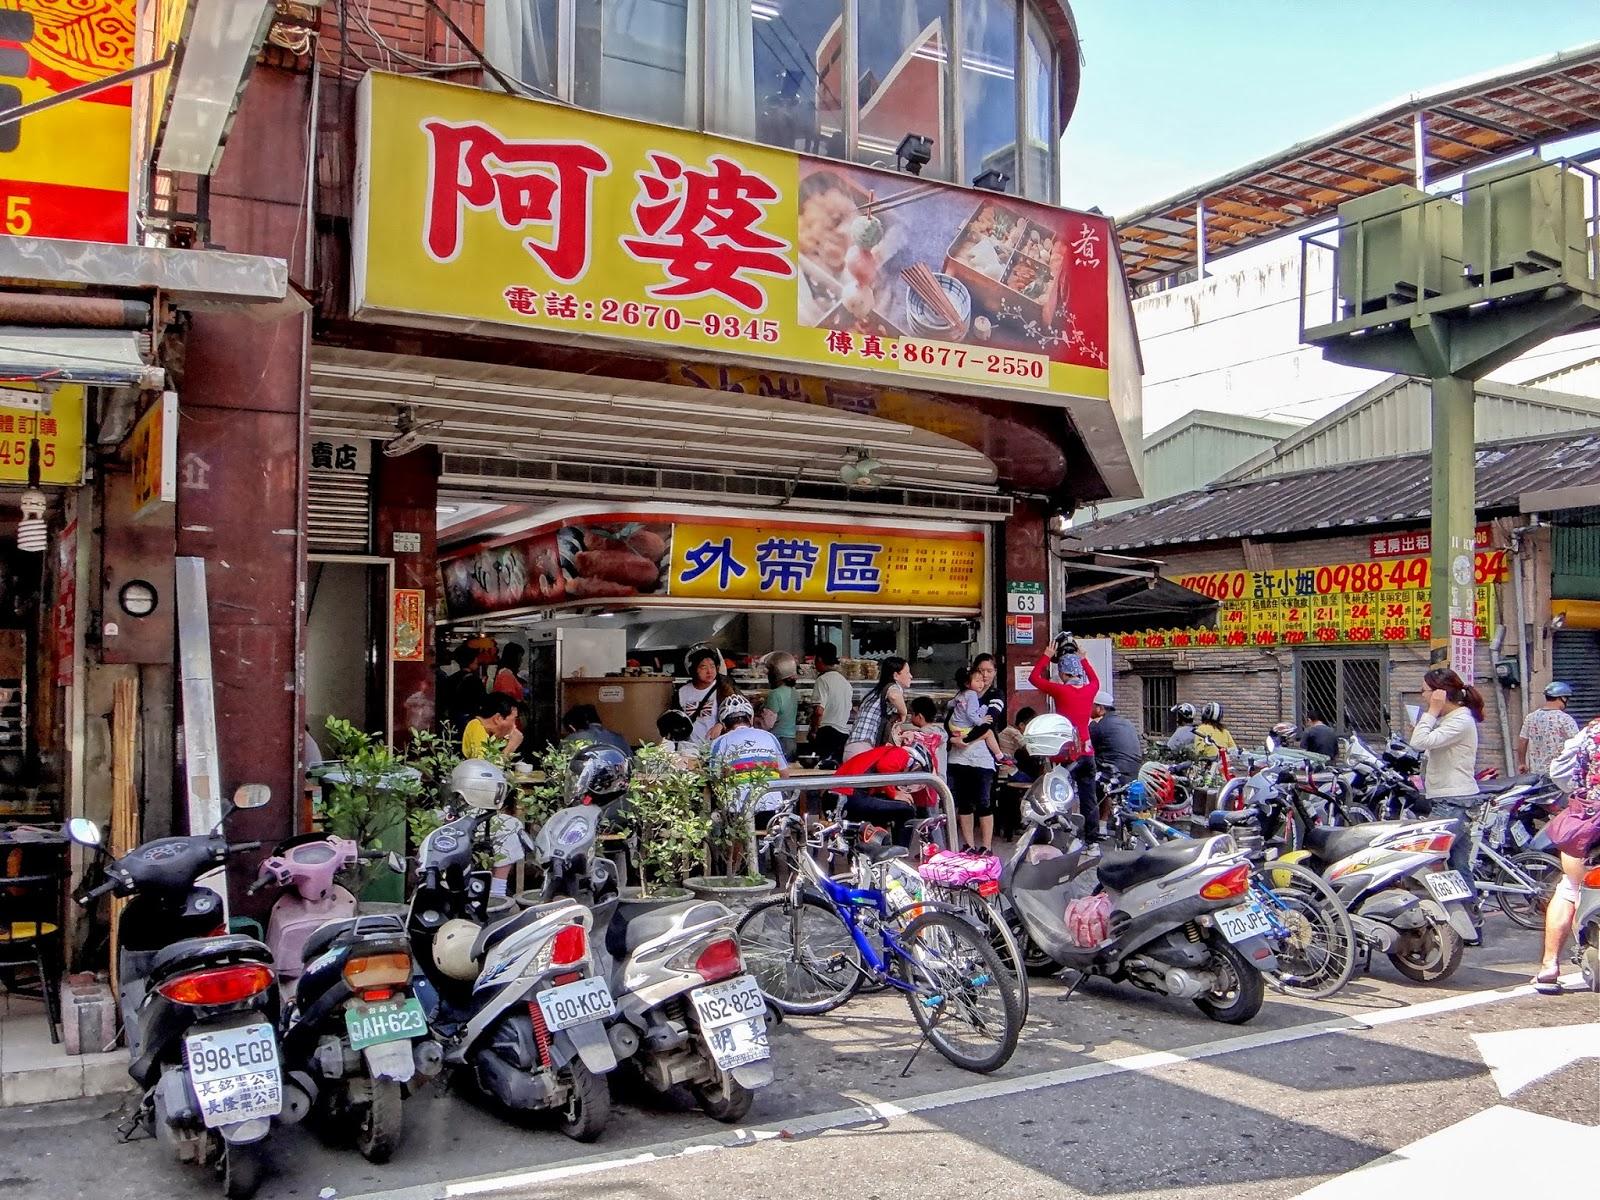 Sunny 飲飲食食: 阿婆壽司 (臺北鶯歌四十年超人氣的平價壽司店)